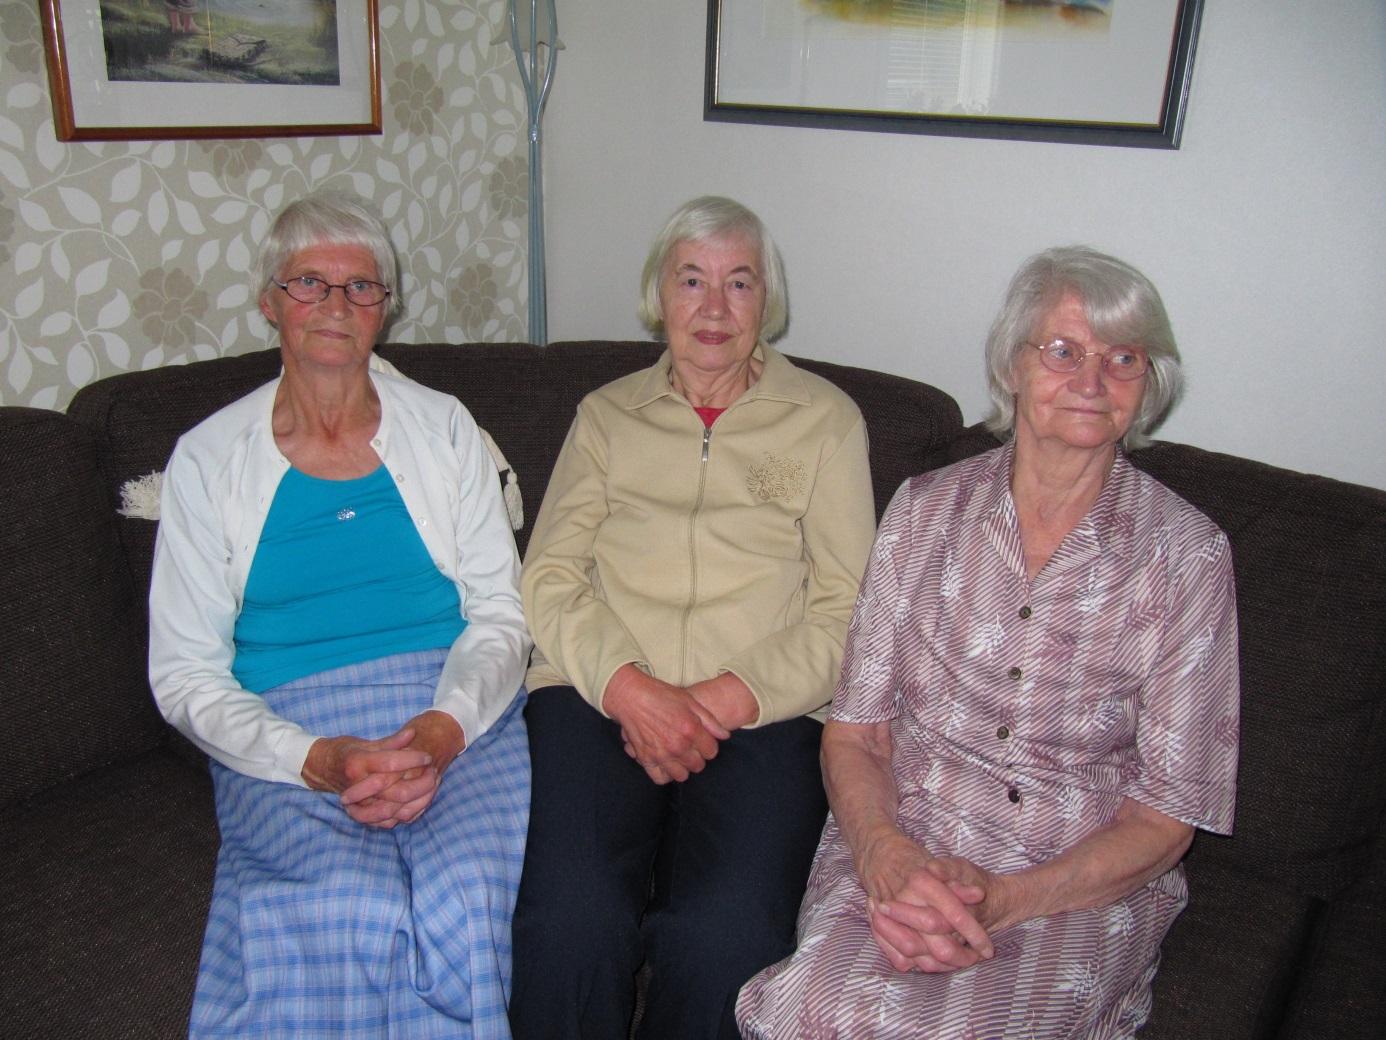 Trillingarna Blomkvist pratar gamla minnen i soffhörnet år 2013. Fr. v. Hedvig, Lisa och Lilli.